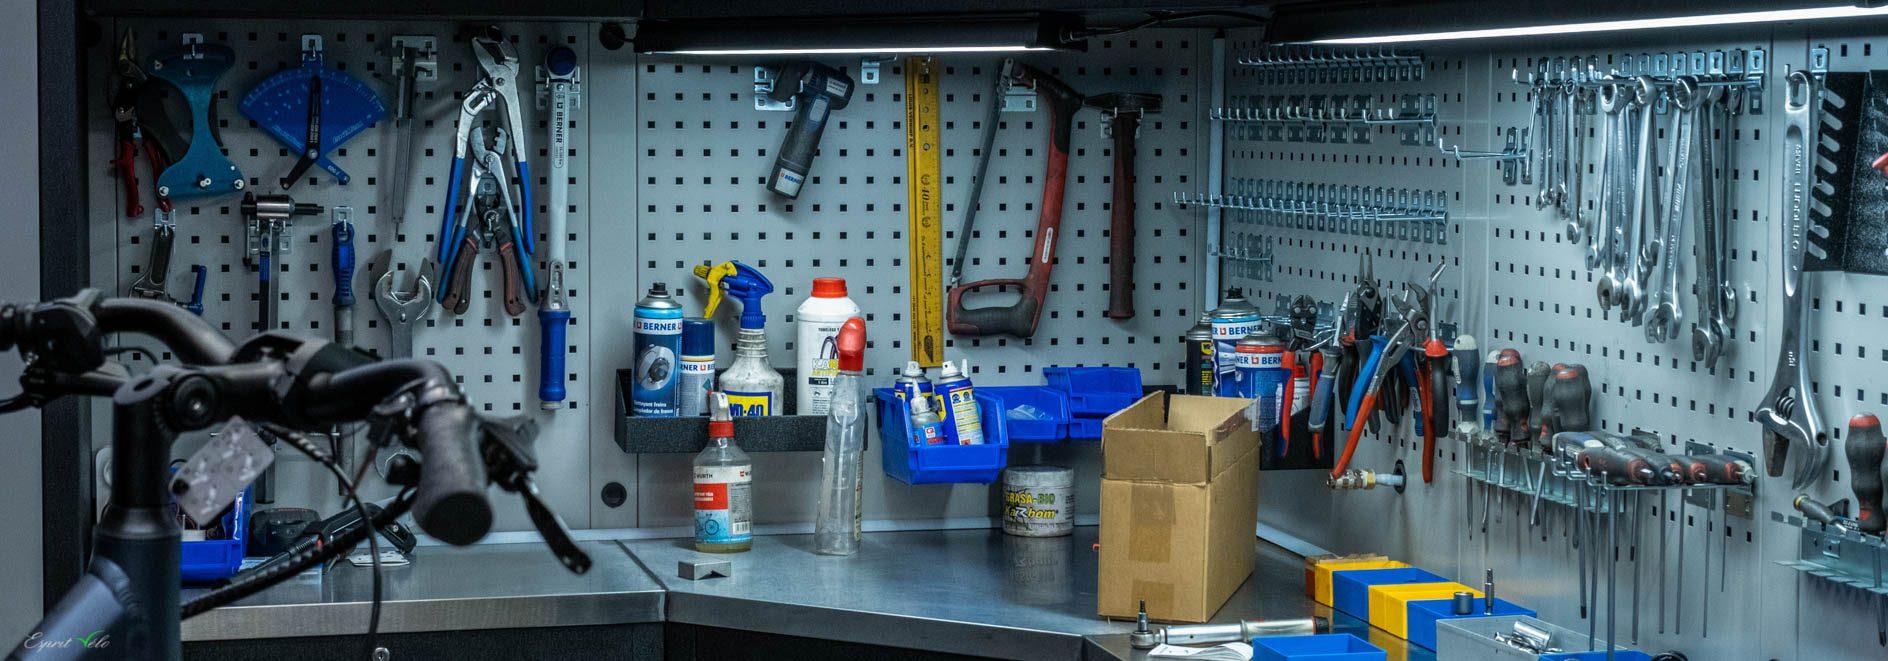 Esprit Velo Bannière Atelier de réparation outils